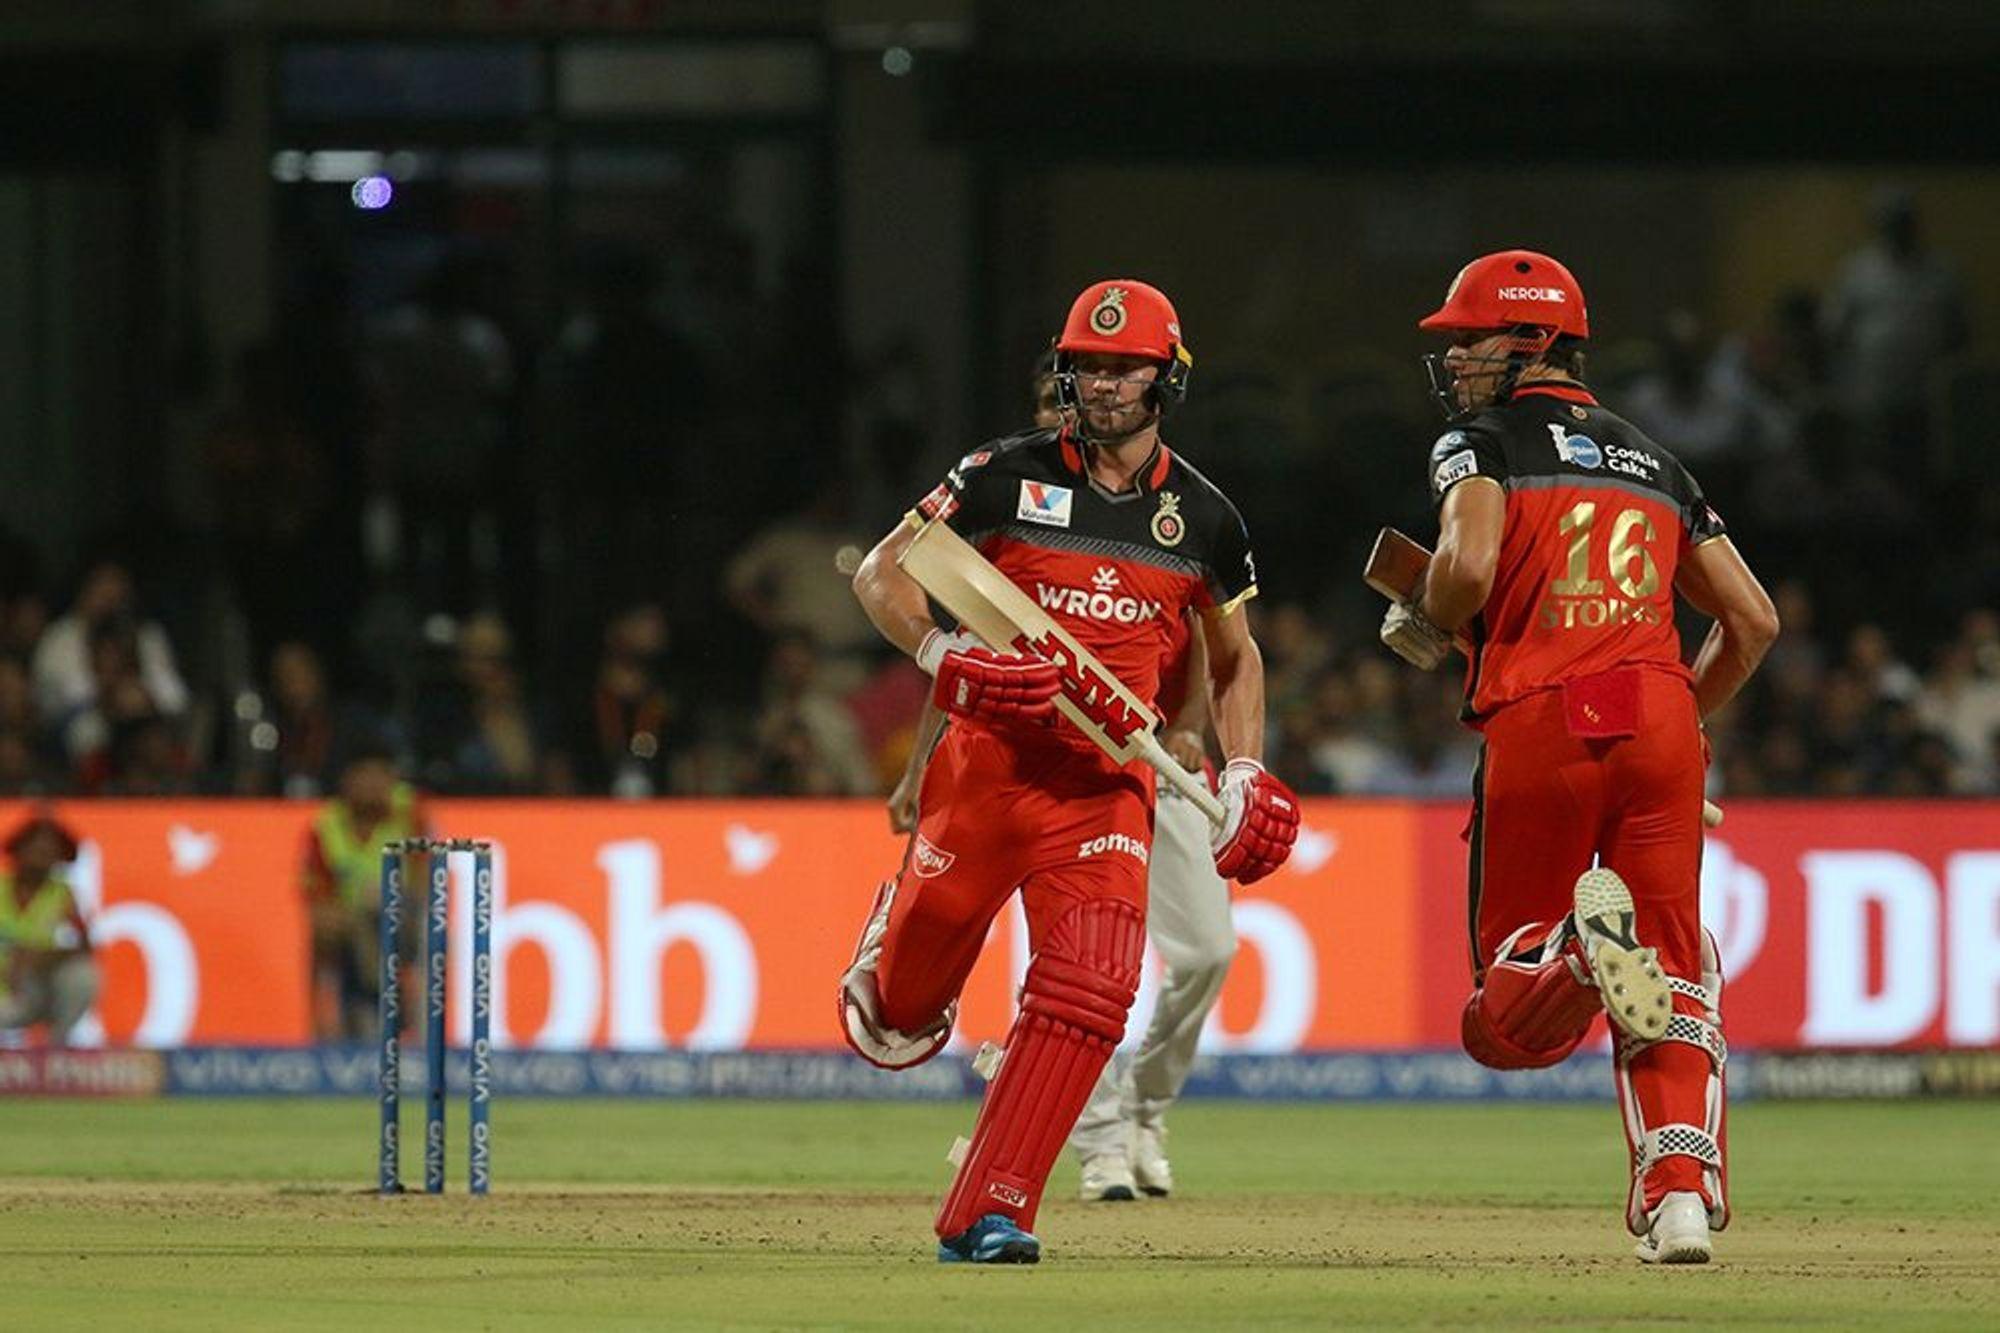 रॉयल चैलेंजर्स बैंगलोर के खिलाफ किंग्स इलेवन पंजाब की हार के ये रहे 3 प्रमुख कारण 5